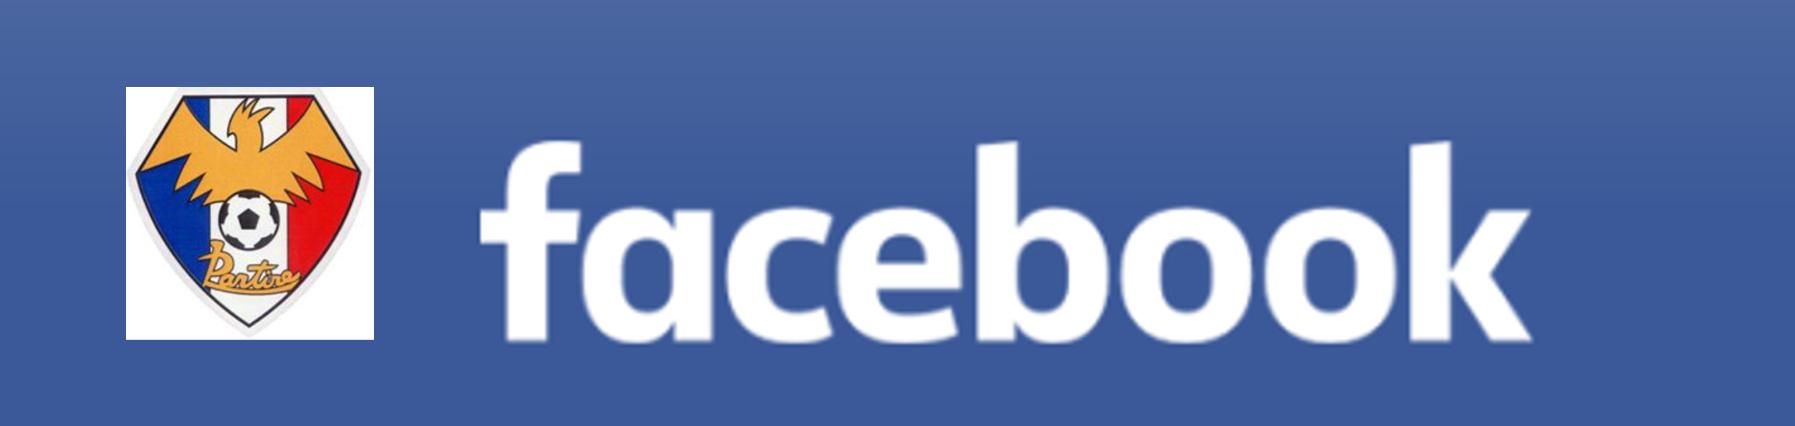 FC パルティレ facebook